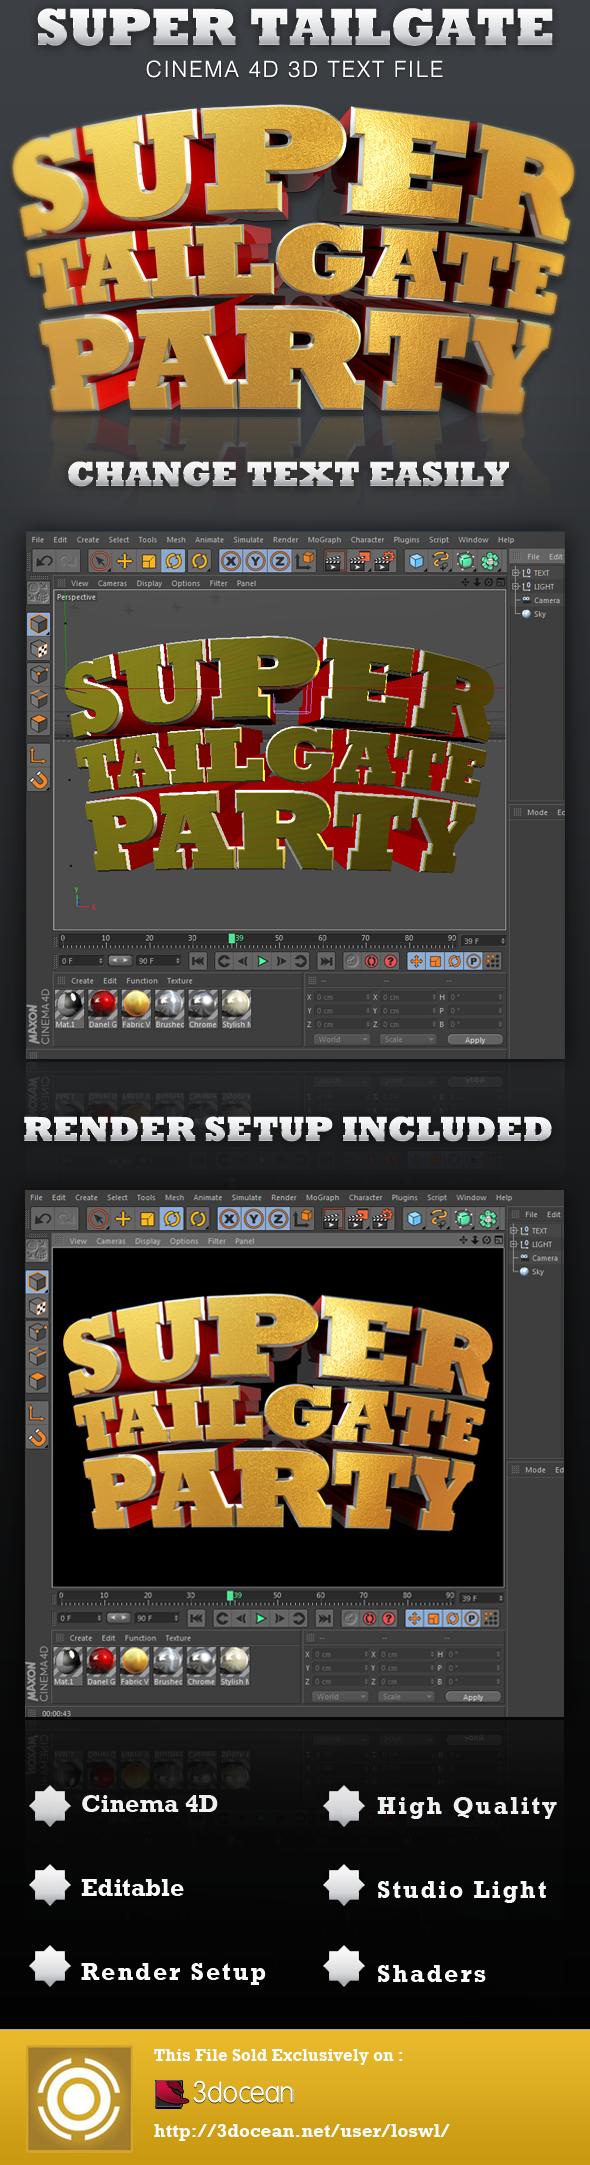 Super Tailgate Cinema 4D 3D Text File